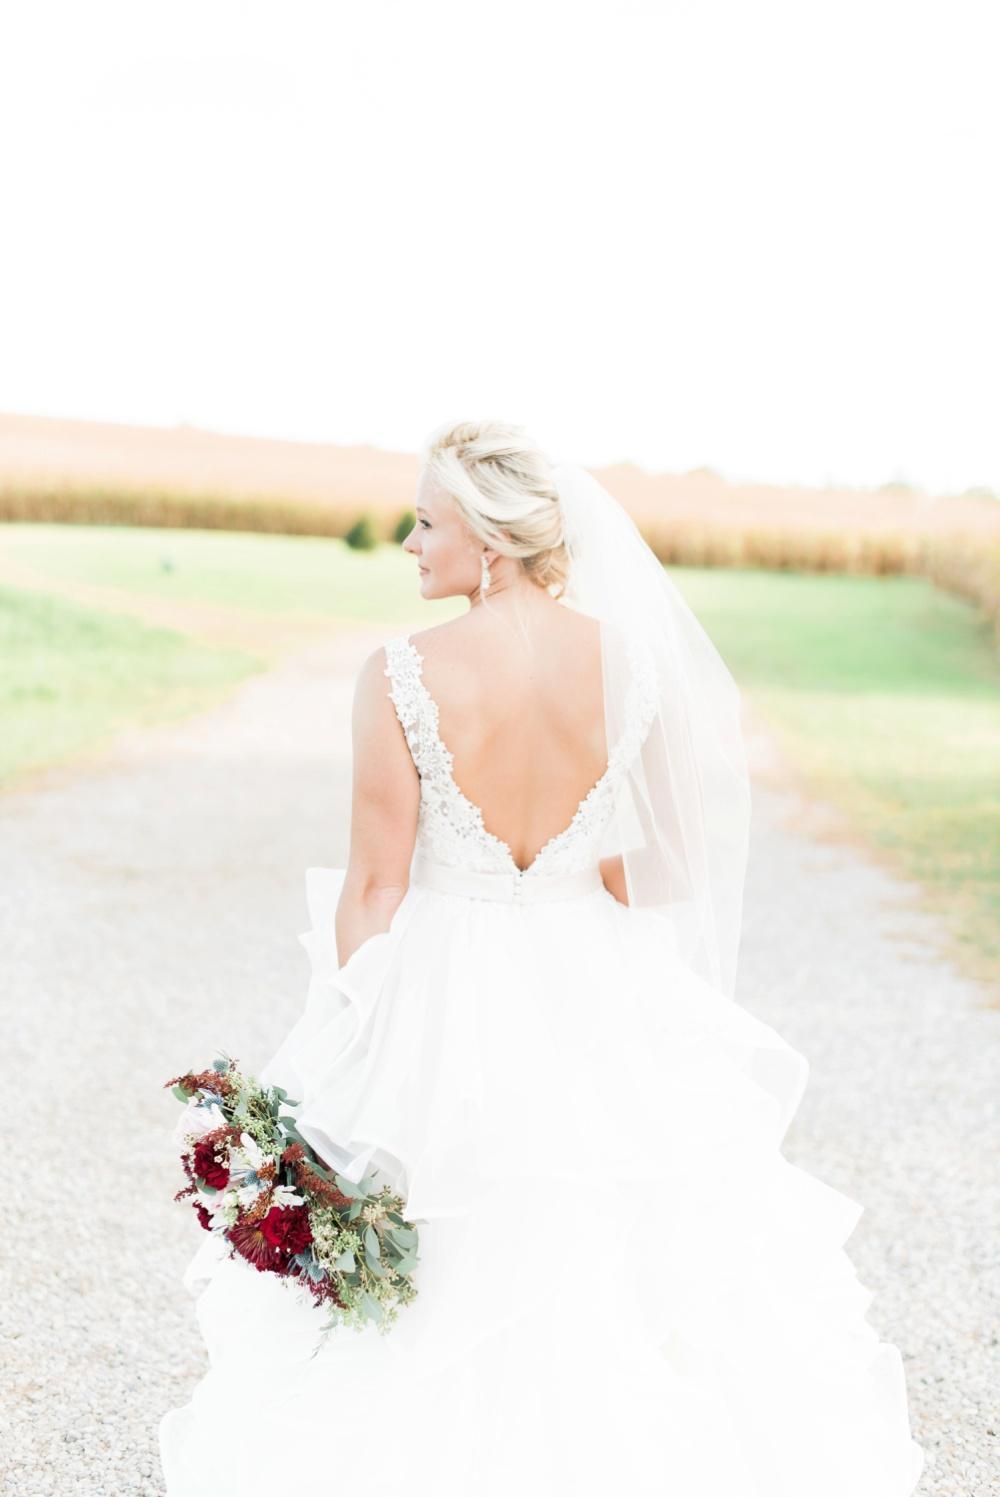 blessings-farmstead-wedding-lancaster-ohio-whitney-colby_0127.jpg